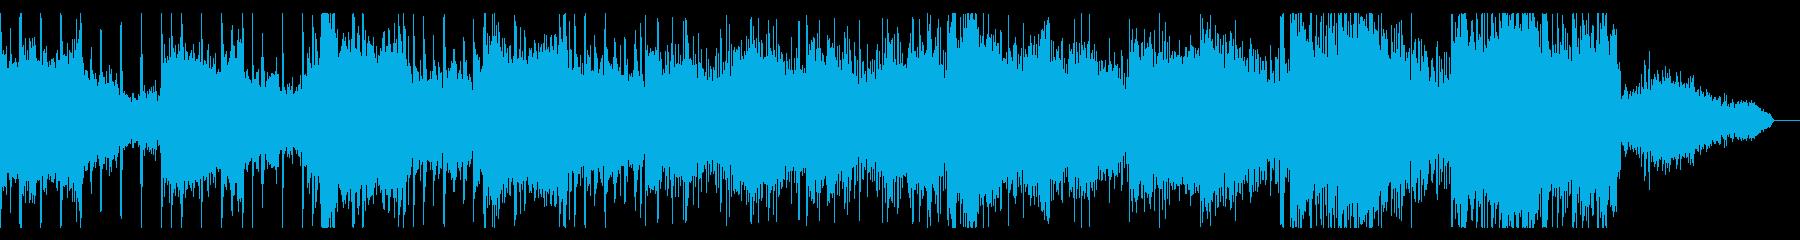 ゆっくり鬼気迫るアンビエントの再生済みの波形